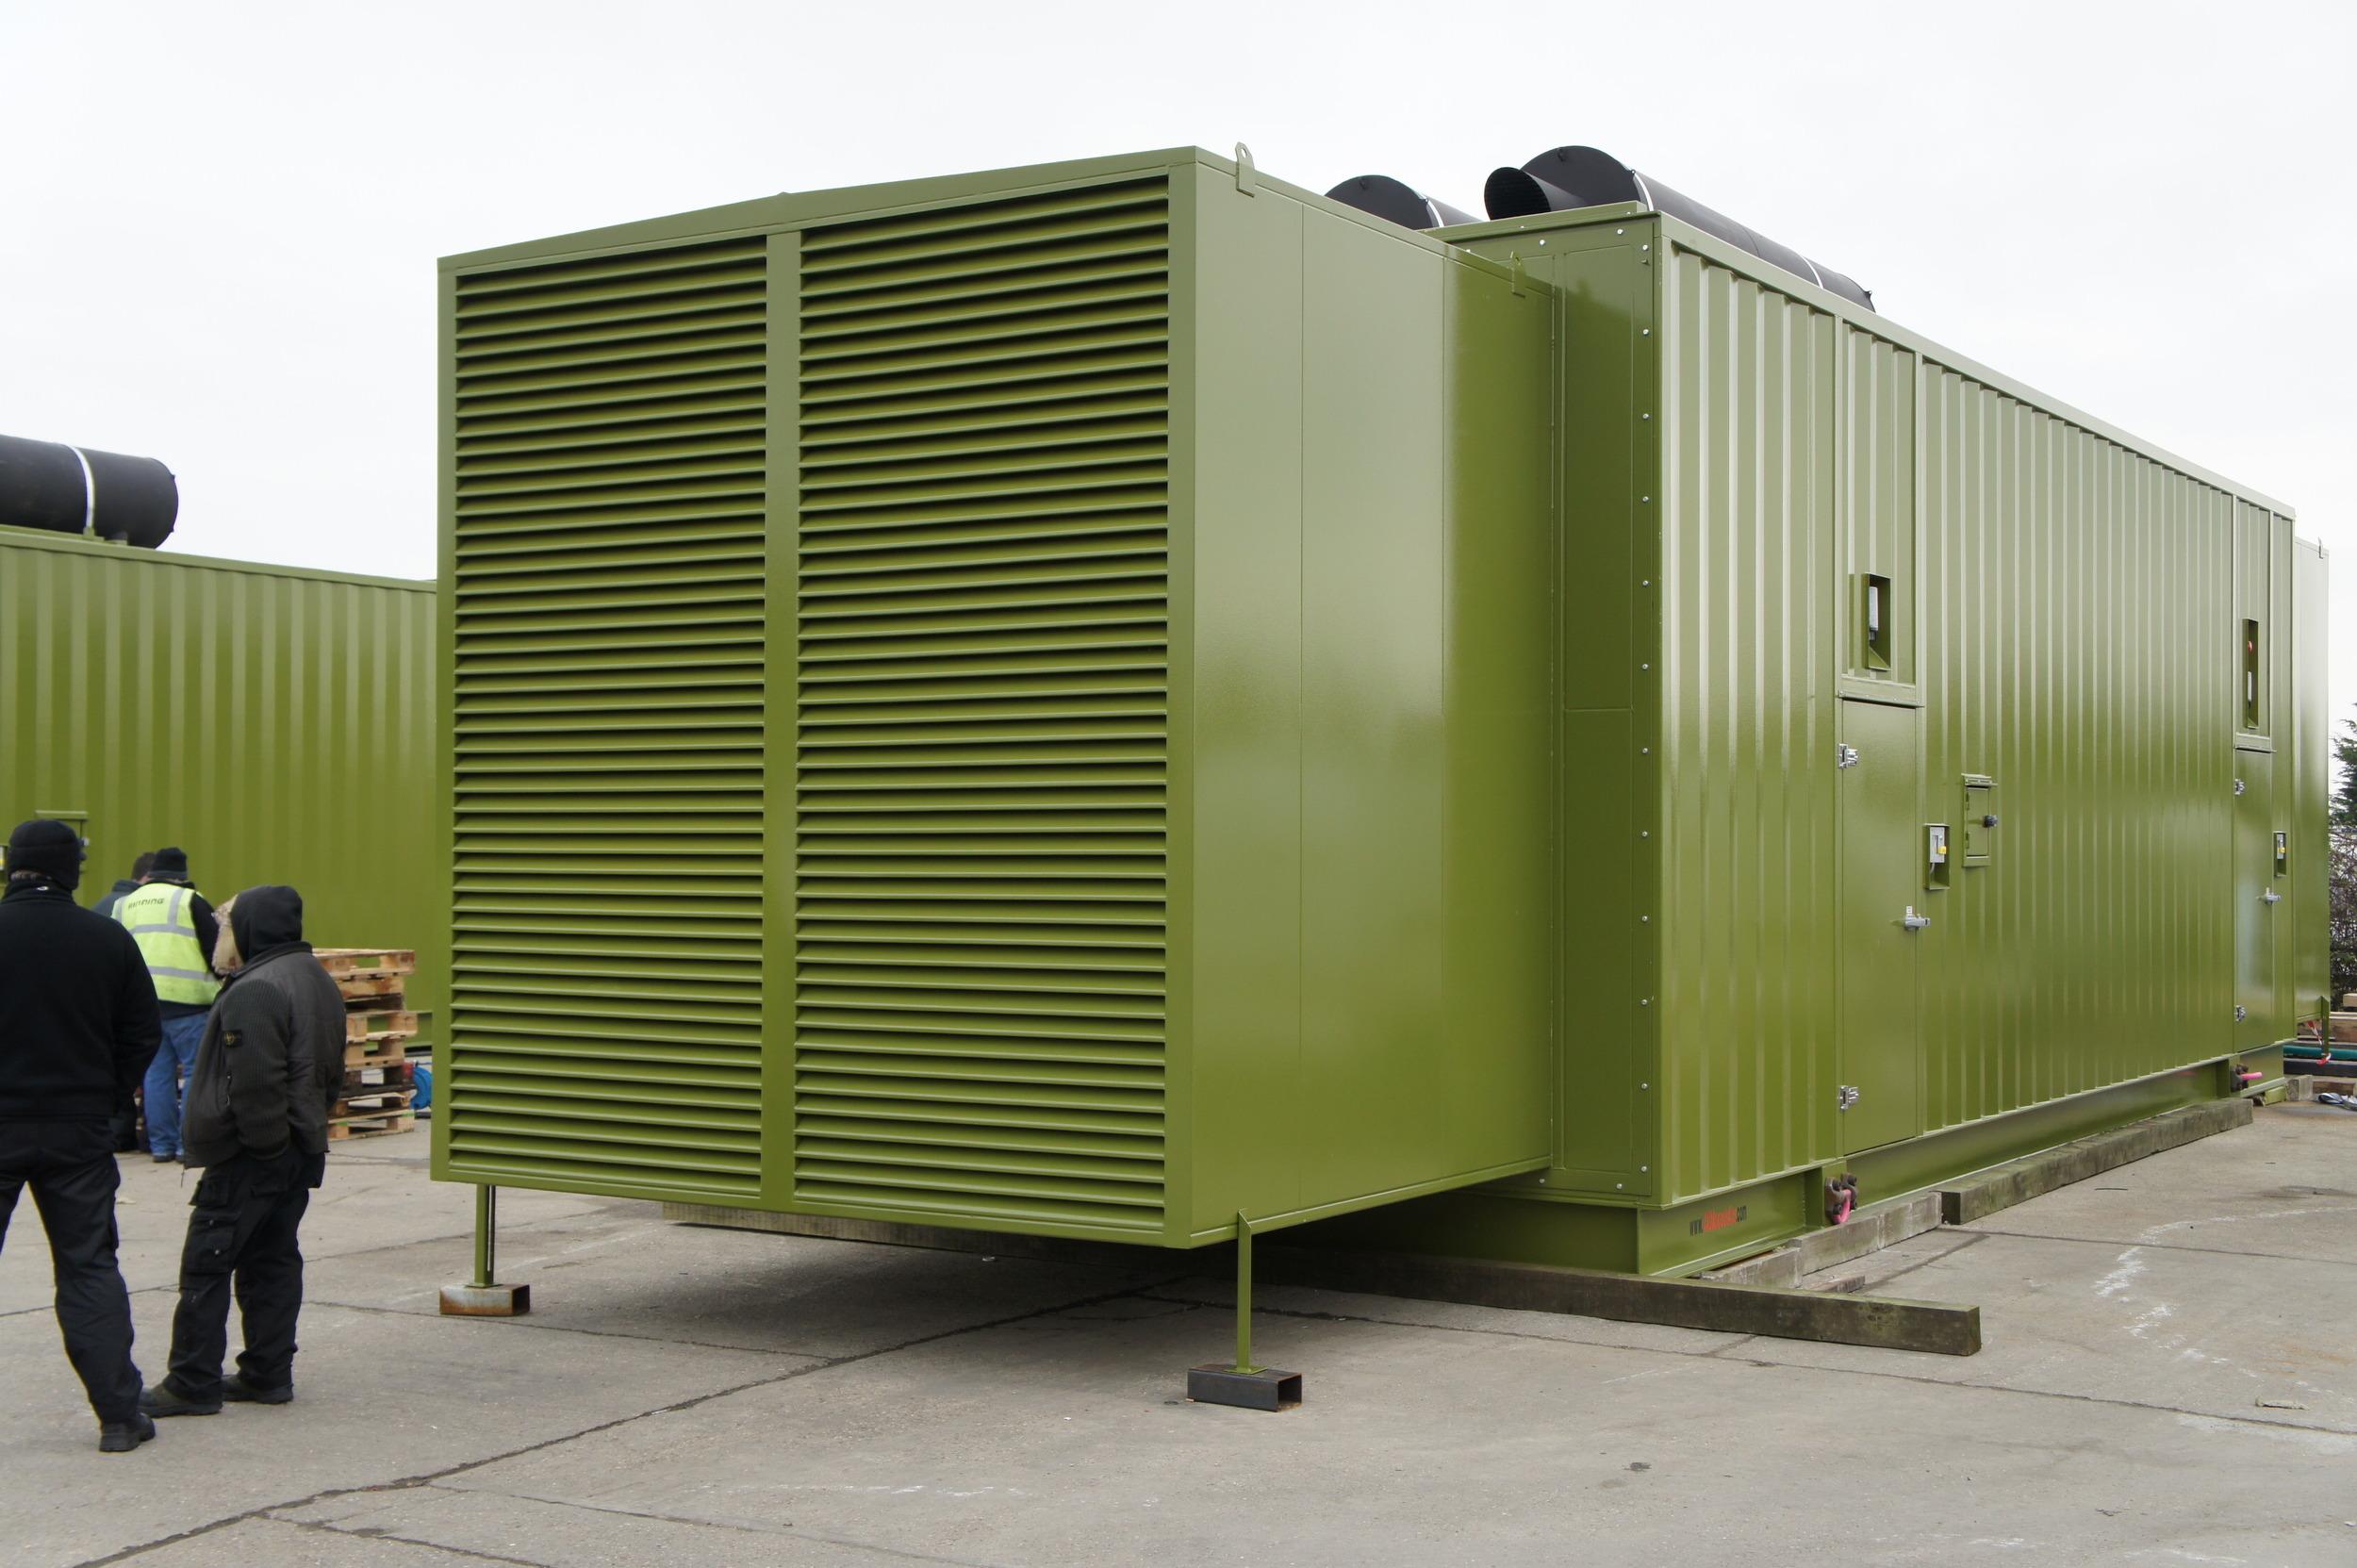 C180612-Container 1 (60).JPG